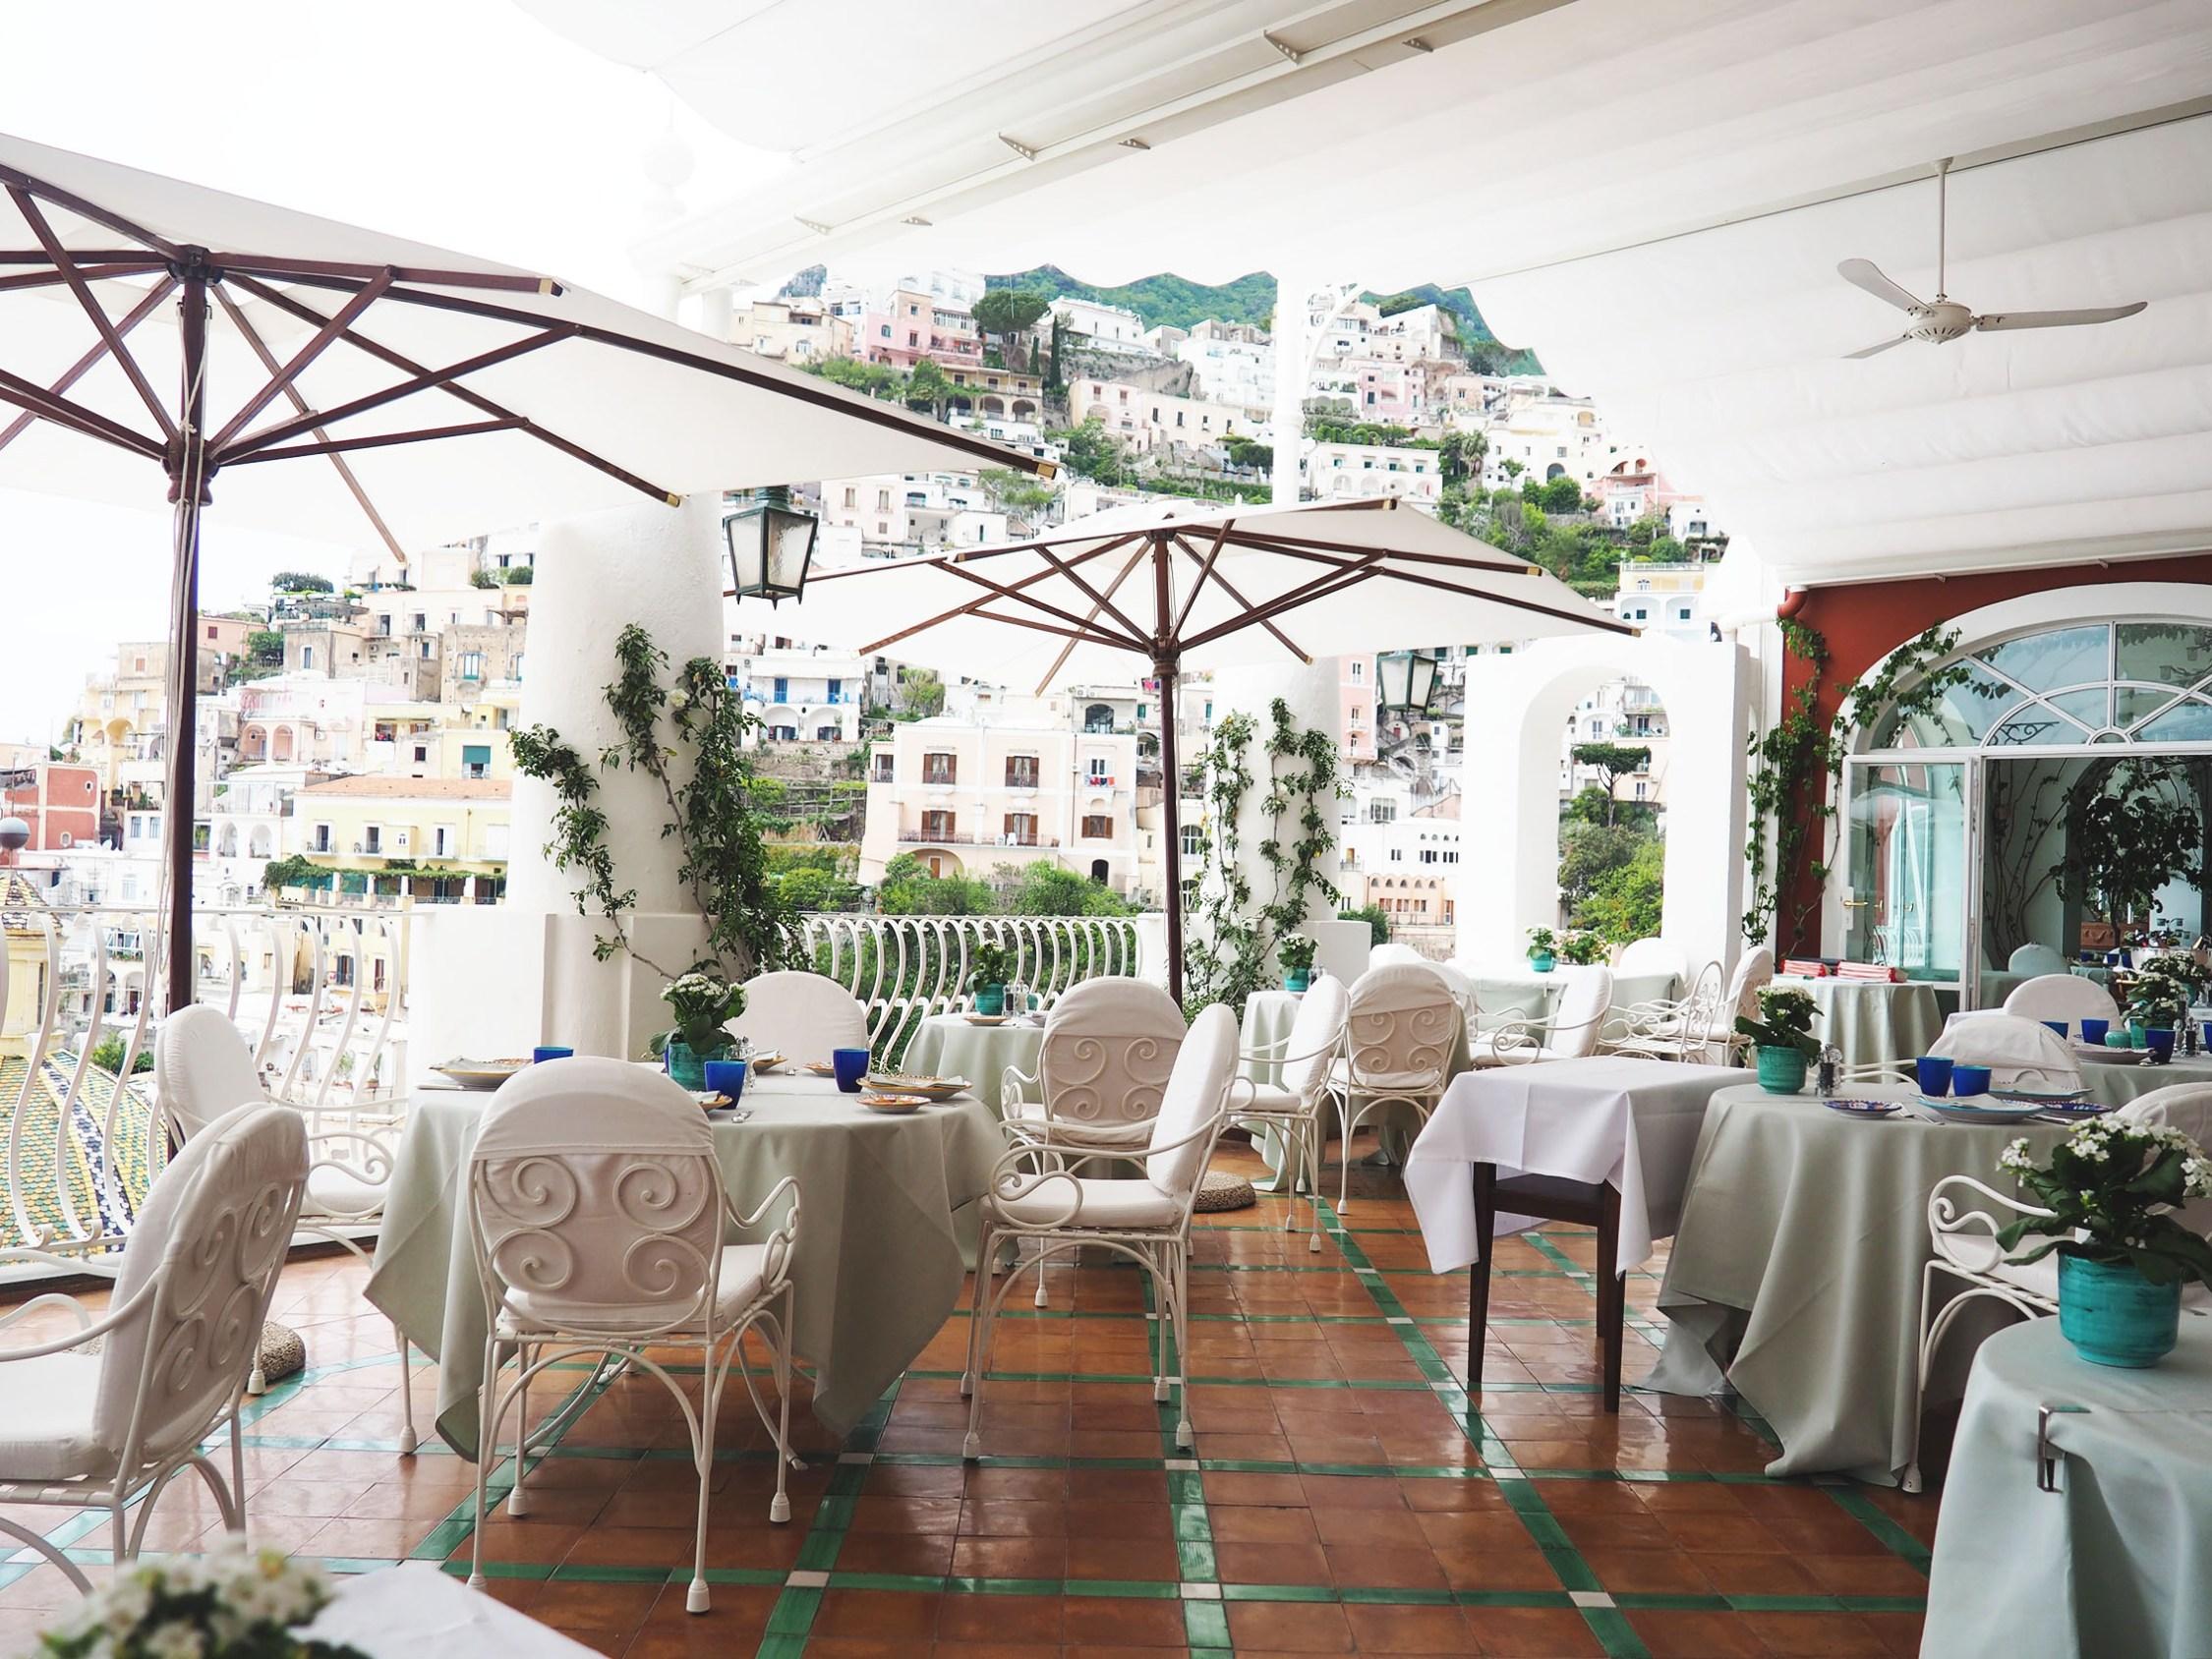 A Romantic Getaway To Positano